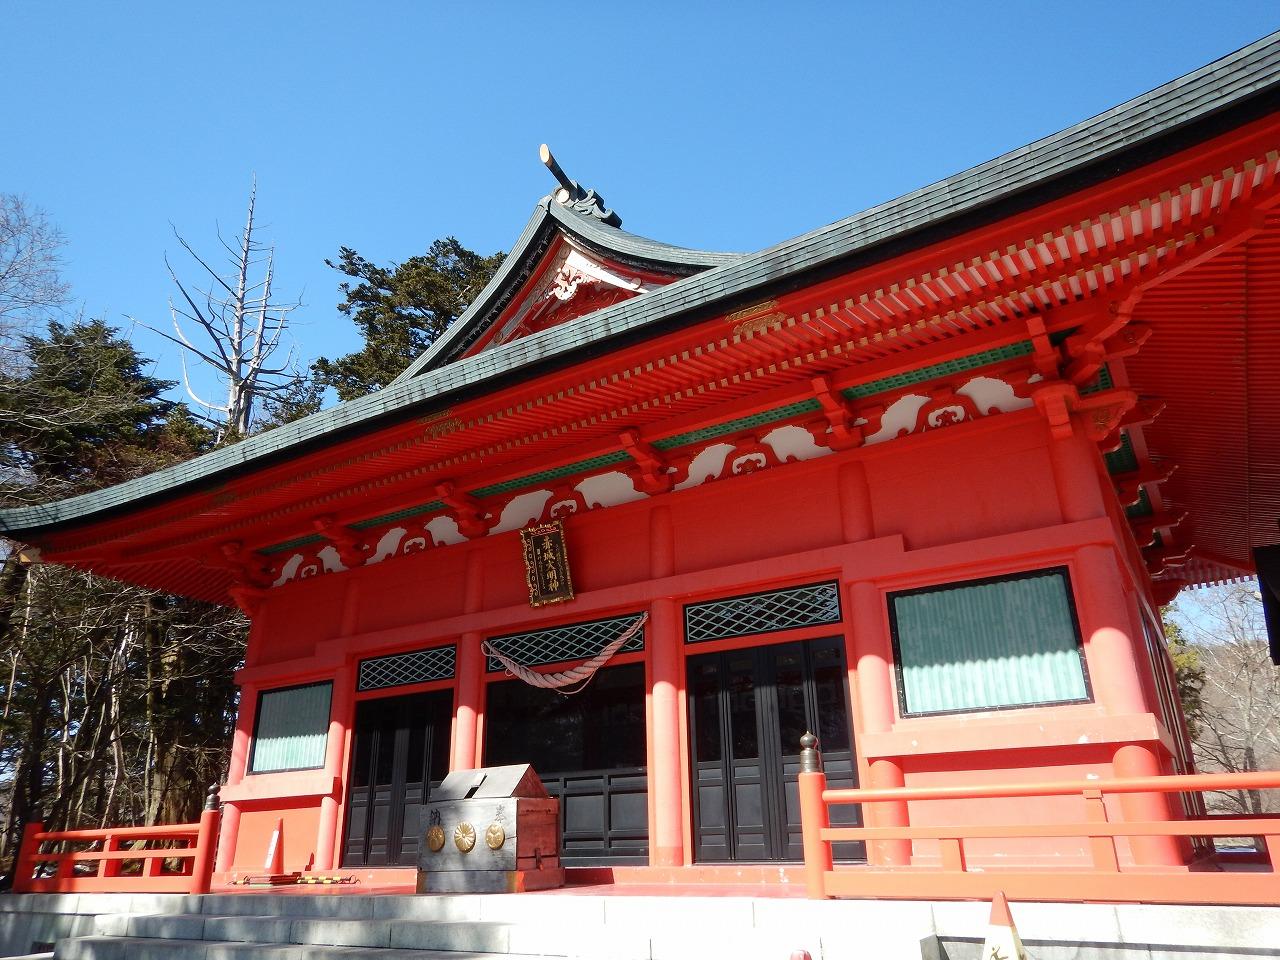 朱色が映える、赤城神社